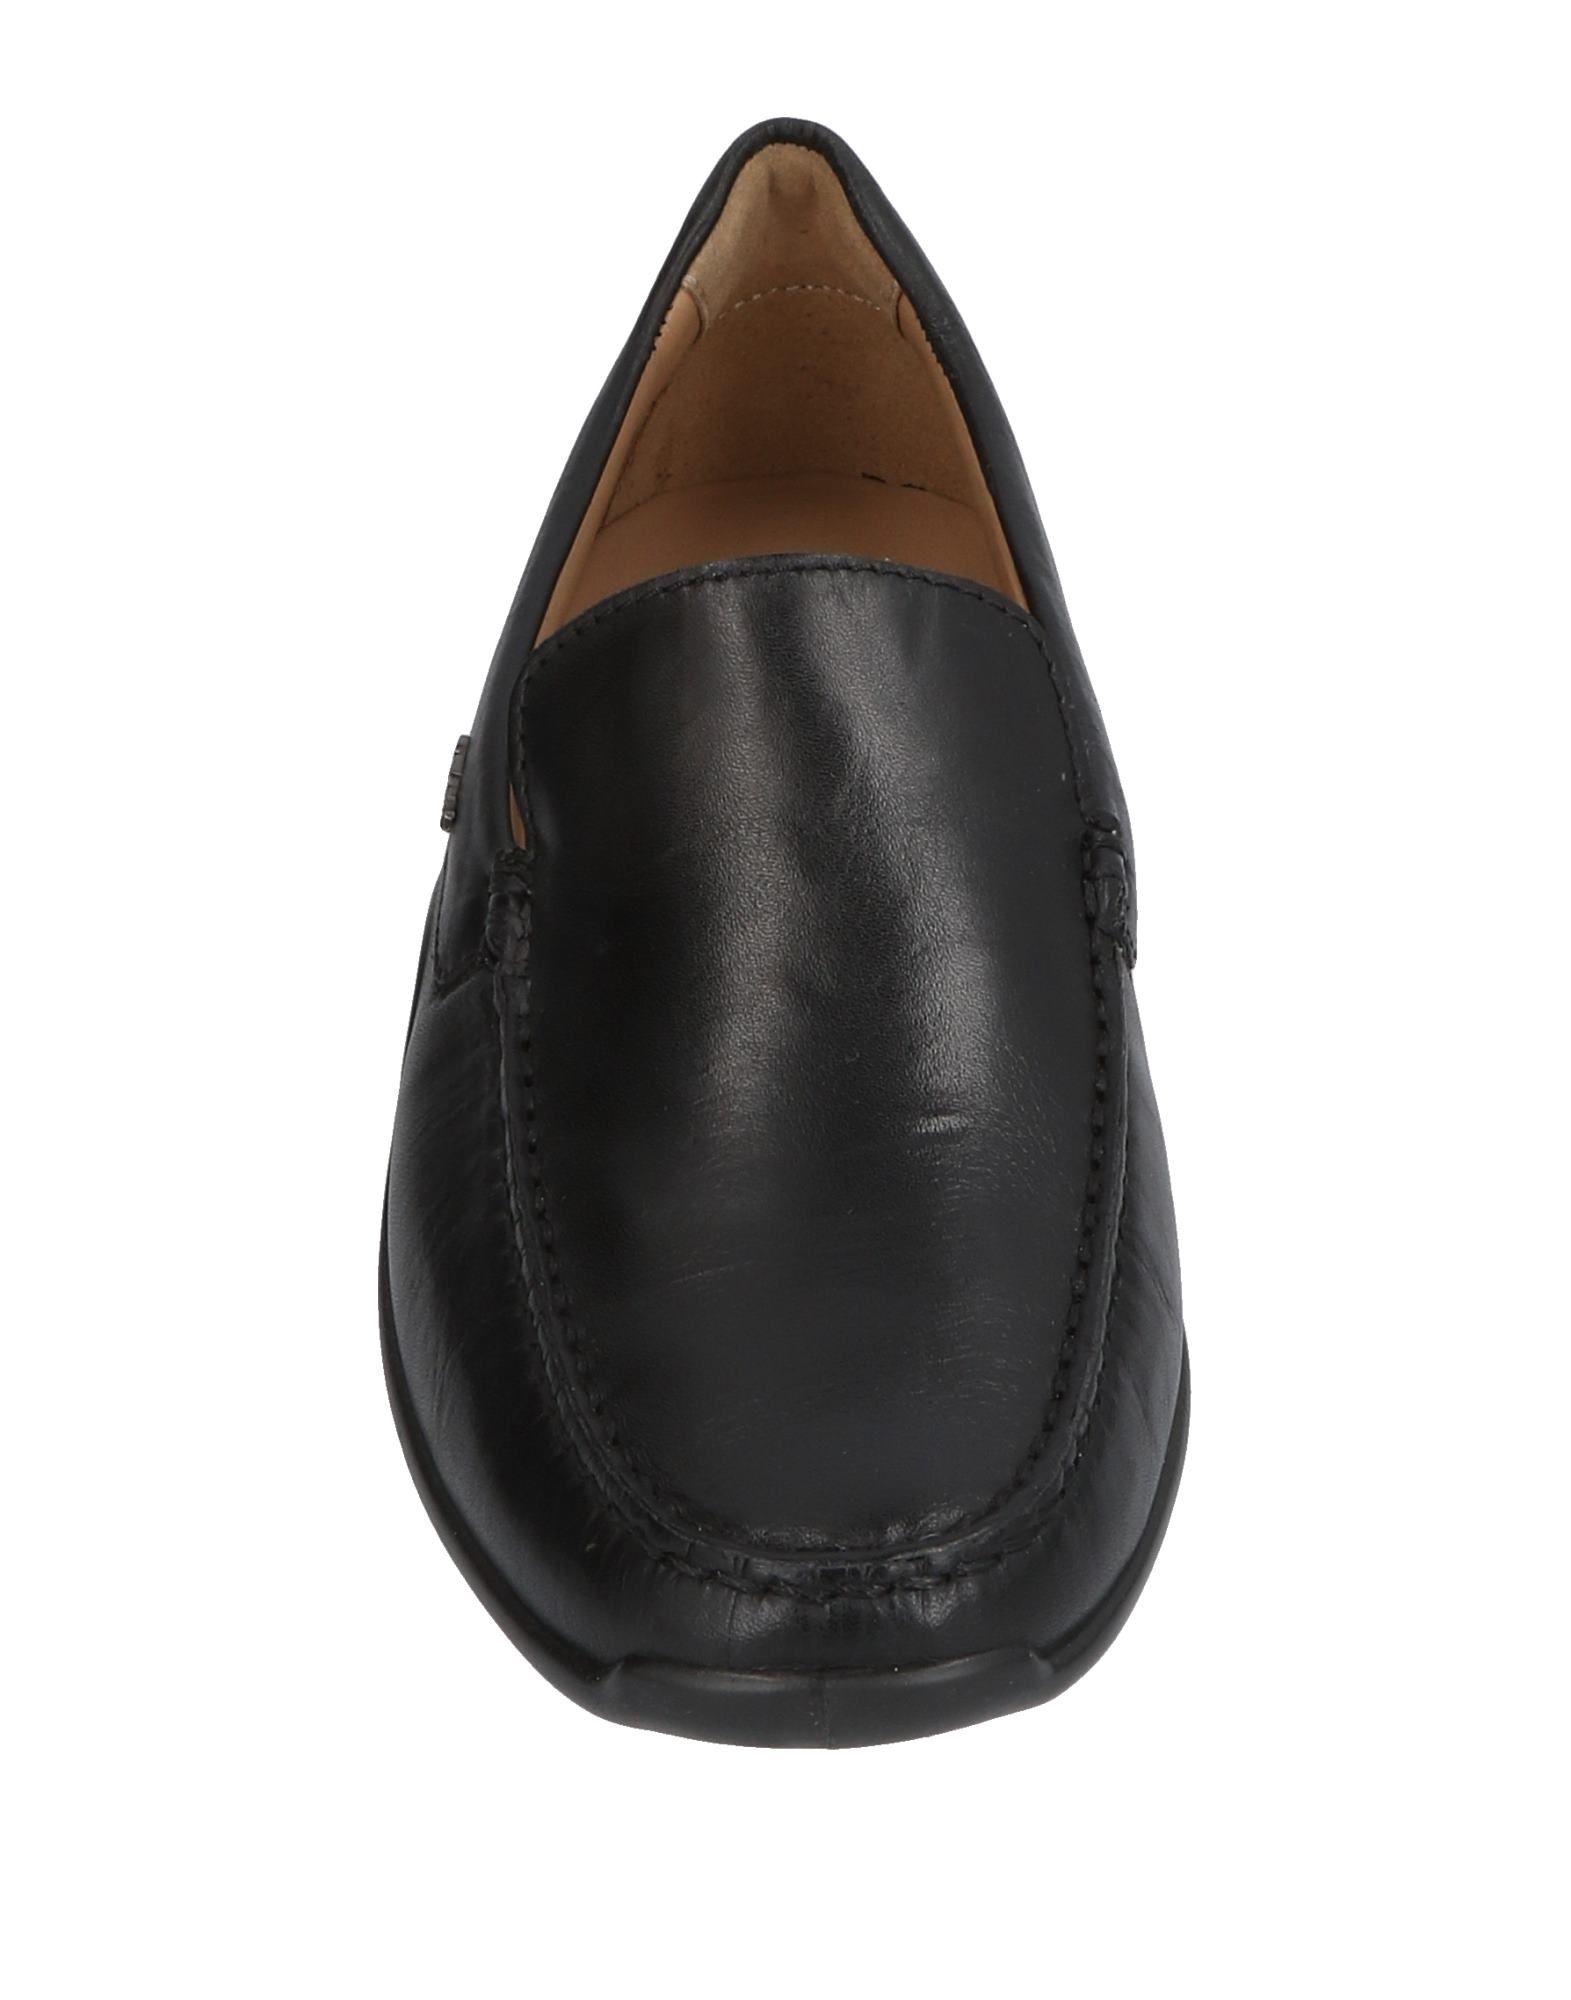 Haltbare Mode billige Schuhe Geox Mokassins Herren  11439474DT Heiße Schuhe